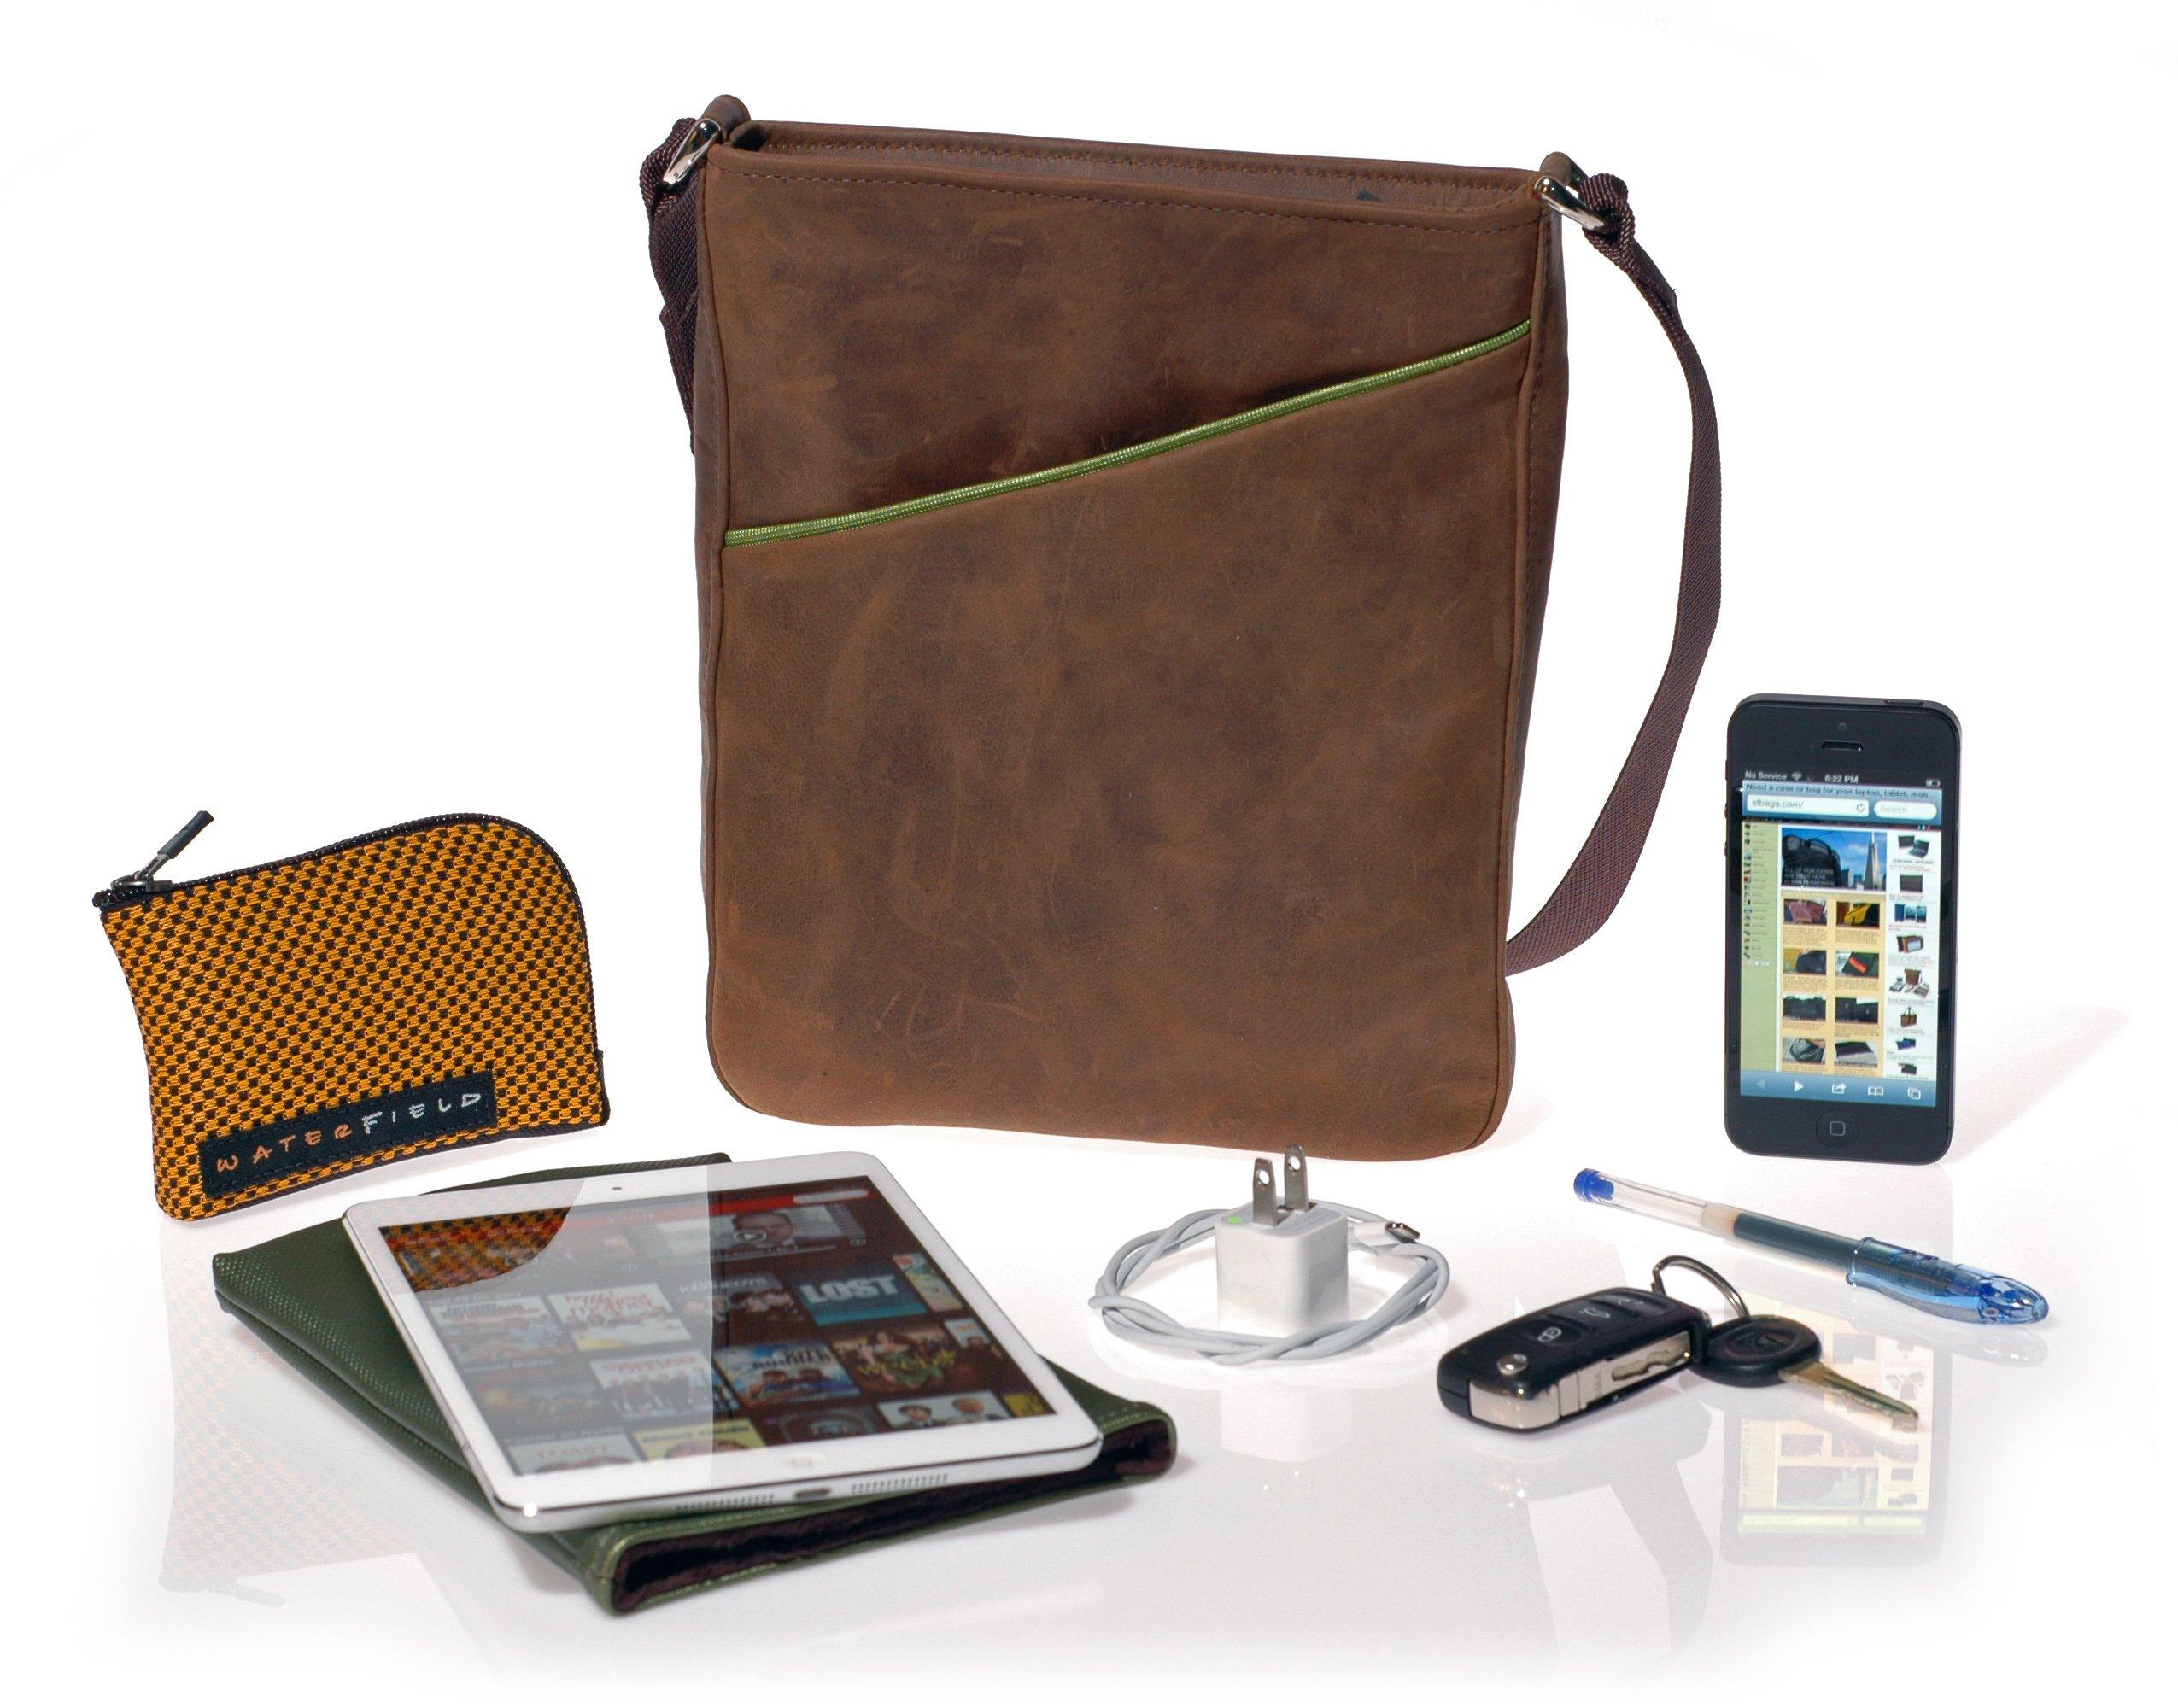 WaterField iPad Gear Gear Bags